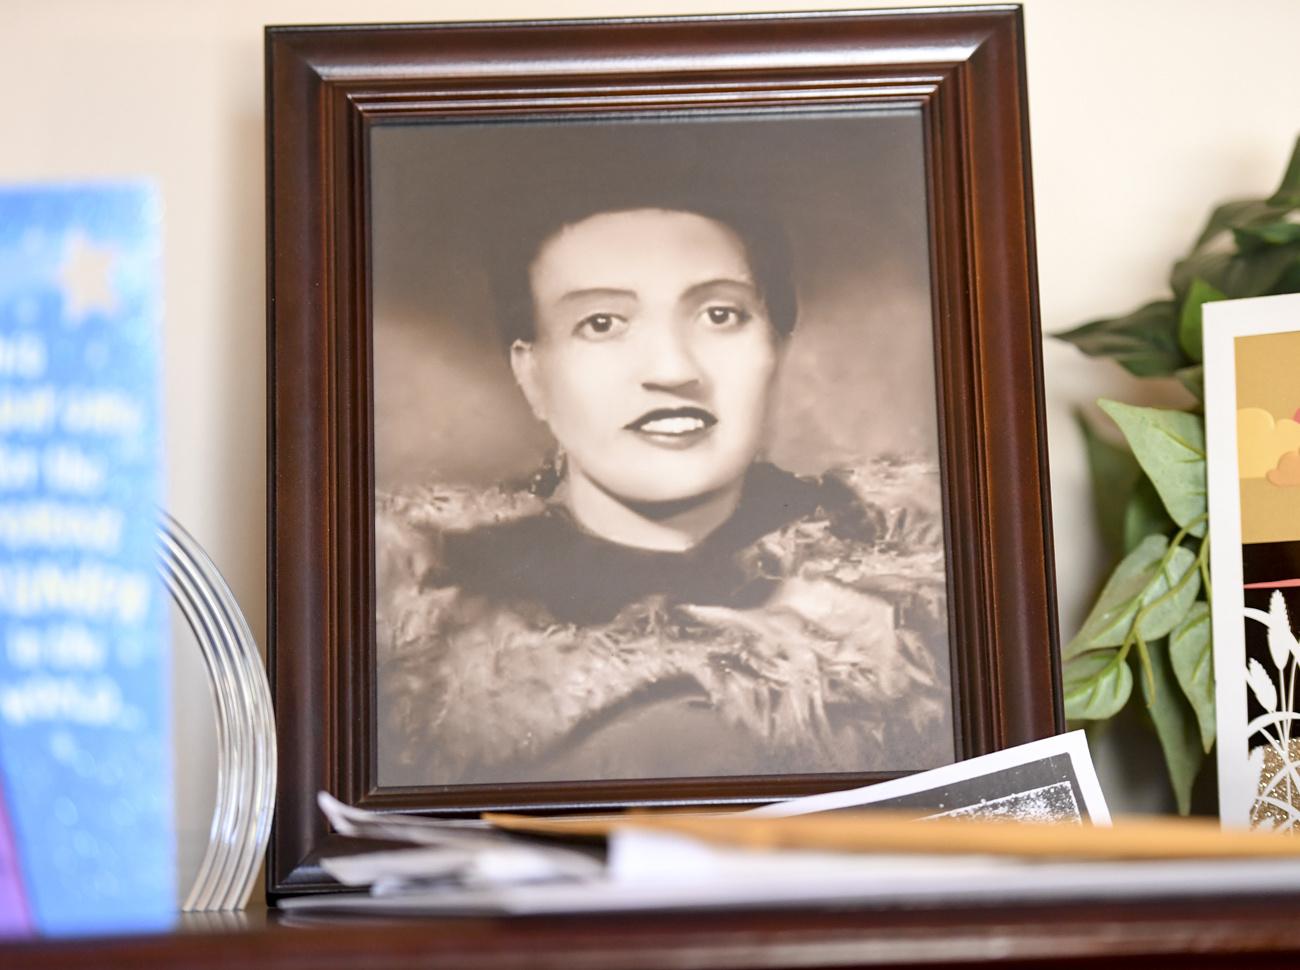 En 1951, Henrietta Lacks, 31 ans, est morte d'un cancer du col de l'utérus à l'hôpital Johns Hopkins à Baltimore. Lors des tentatives de la soigner, des cellules de sa tumeur avaient été prélevées et transmises à un chercheur sans qu'elle n'en sache rien. Celui-ci a vite réalisé que ses cellules, rebaptisées cellules HeLa, avaient des qualités extraordinaires: elles pouvaient être cultivées in vitro, soit hors du corps humain, et se multiplier à l'infini., Getty Images